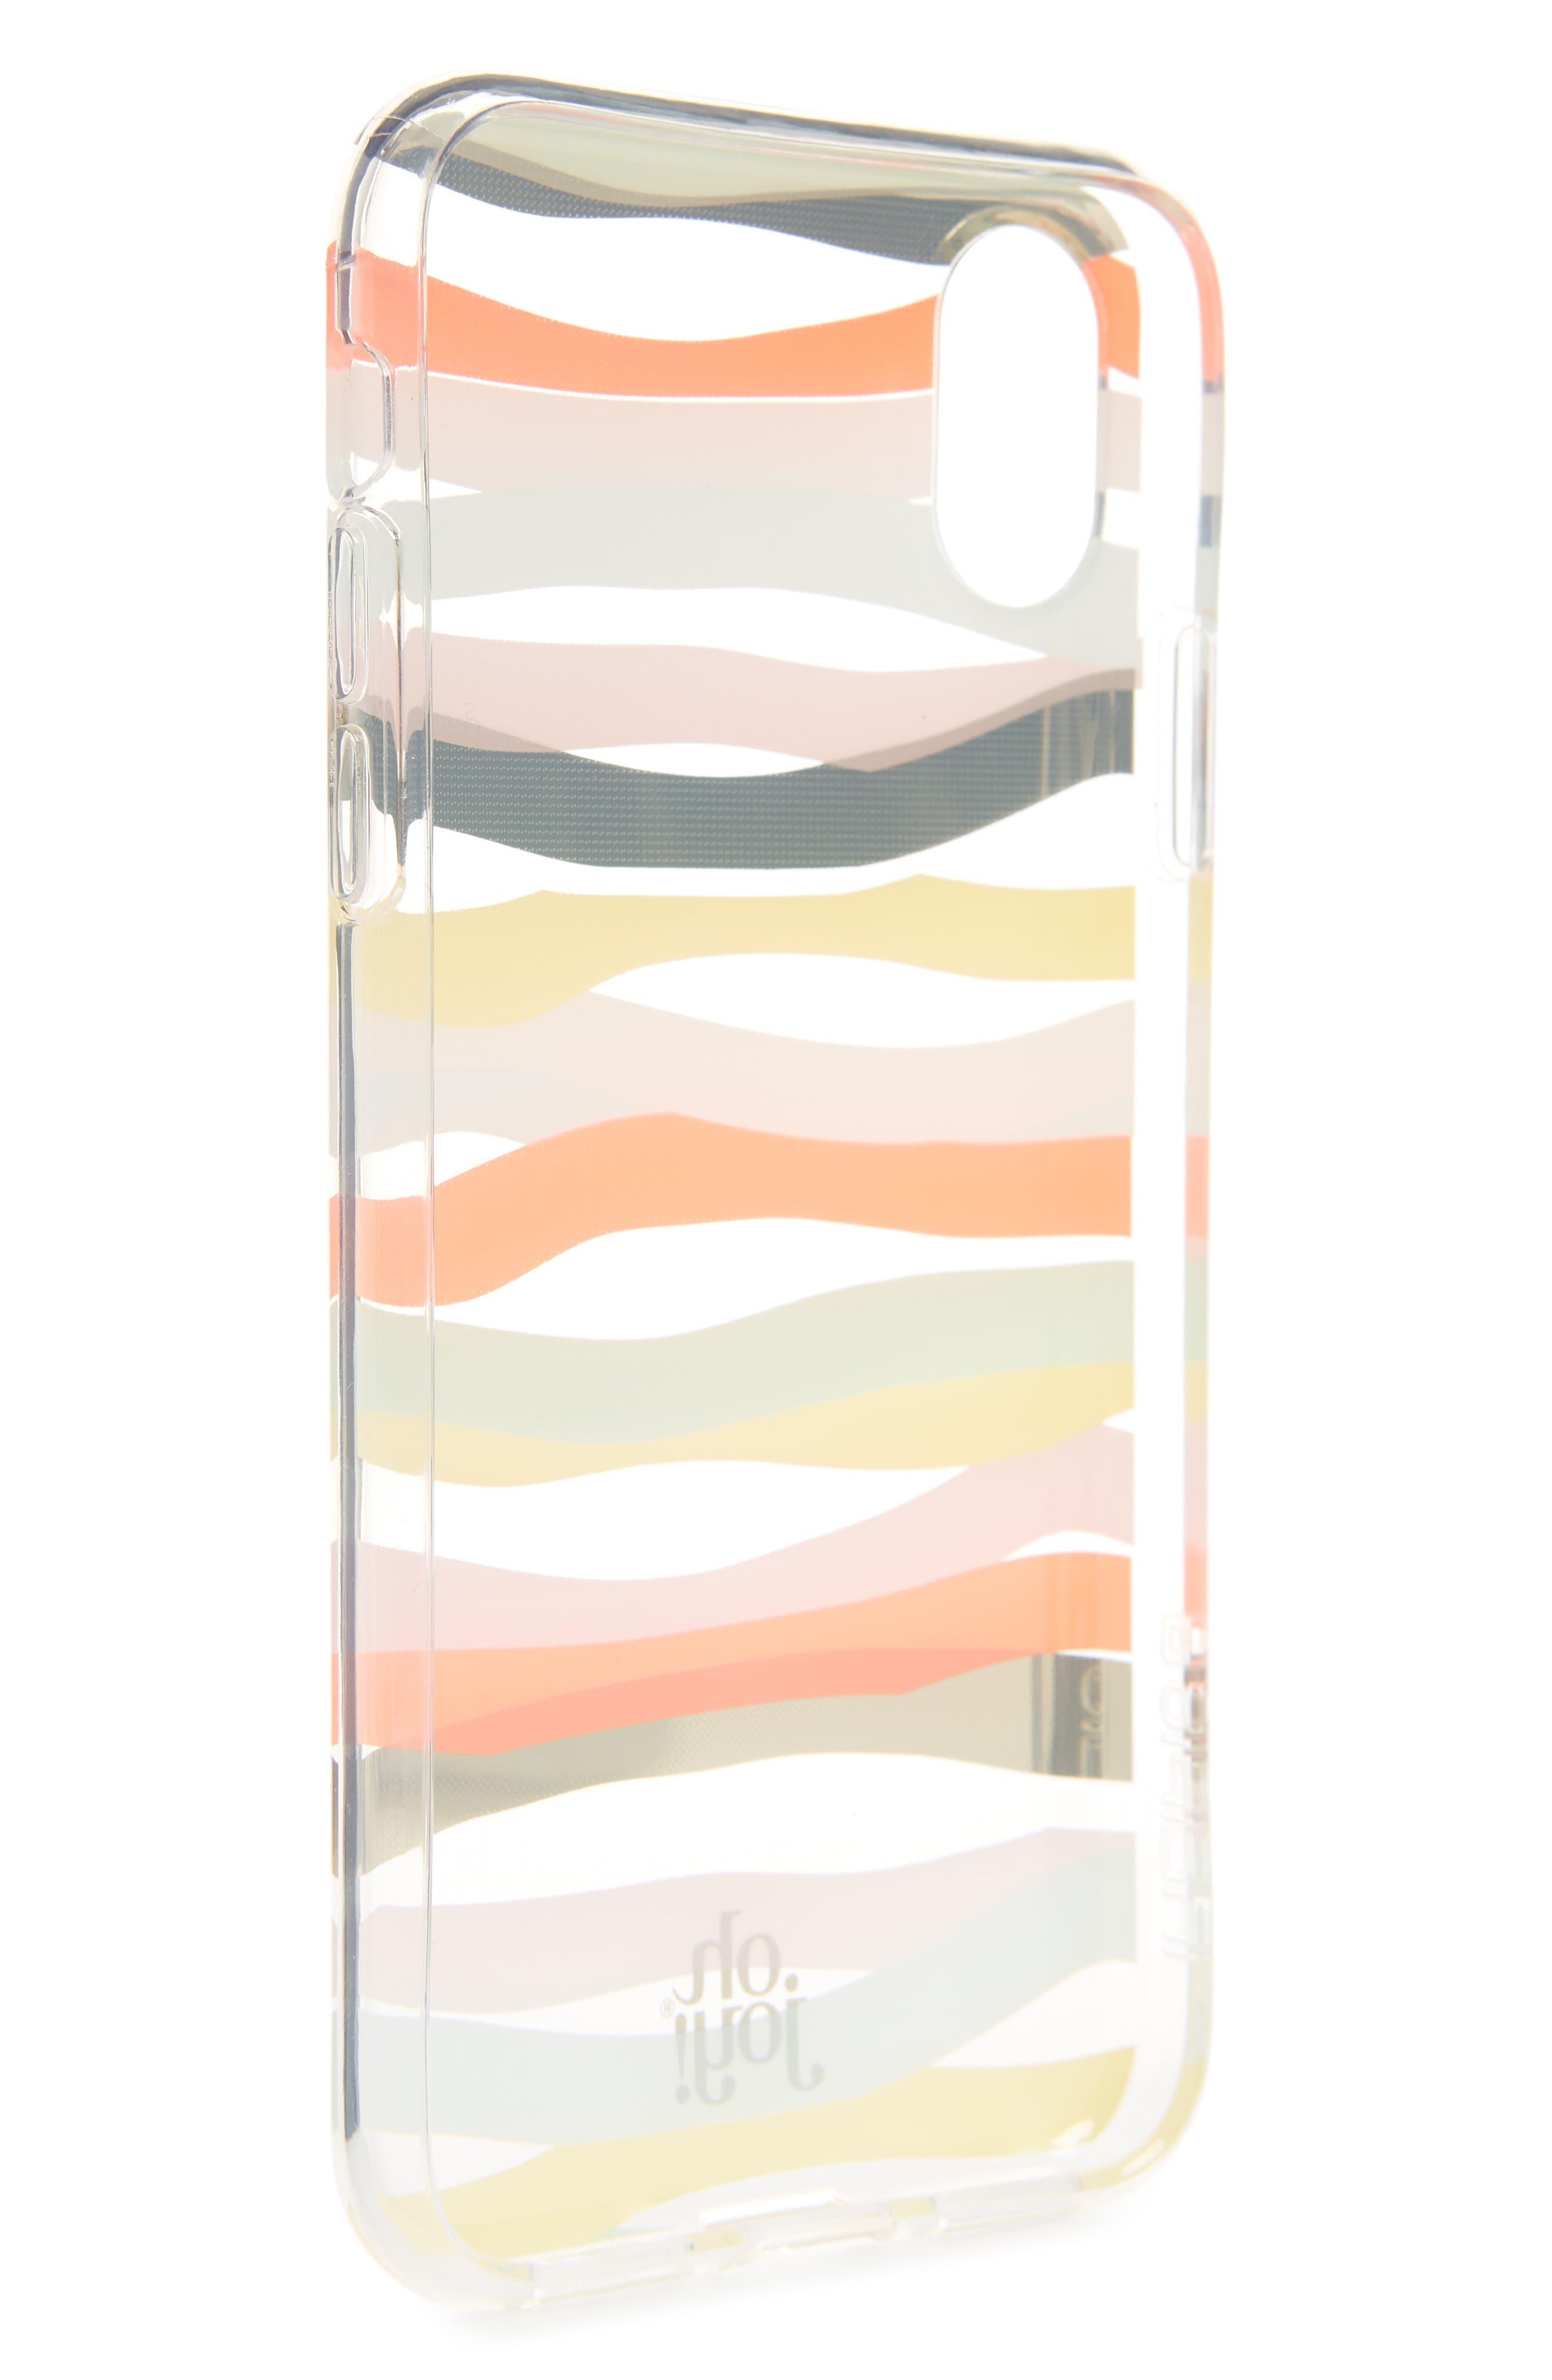 Oh Joy Stripe iPhone X/Xs Plus Case,                             Alternate thumbnail 2, color,                             650